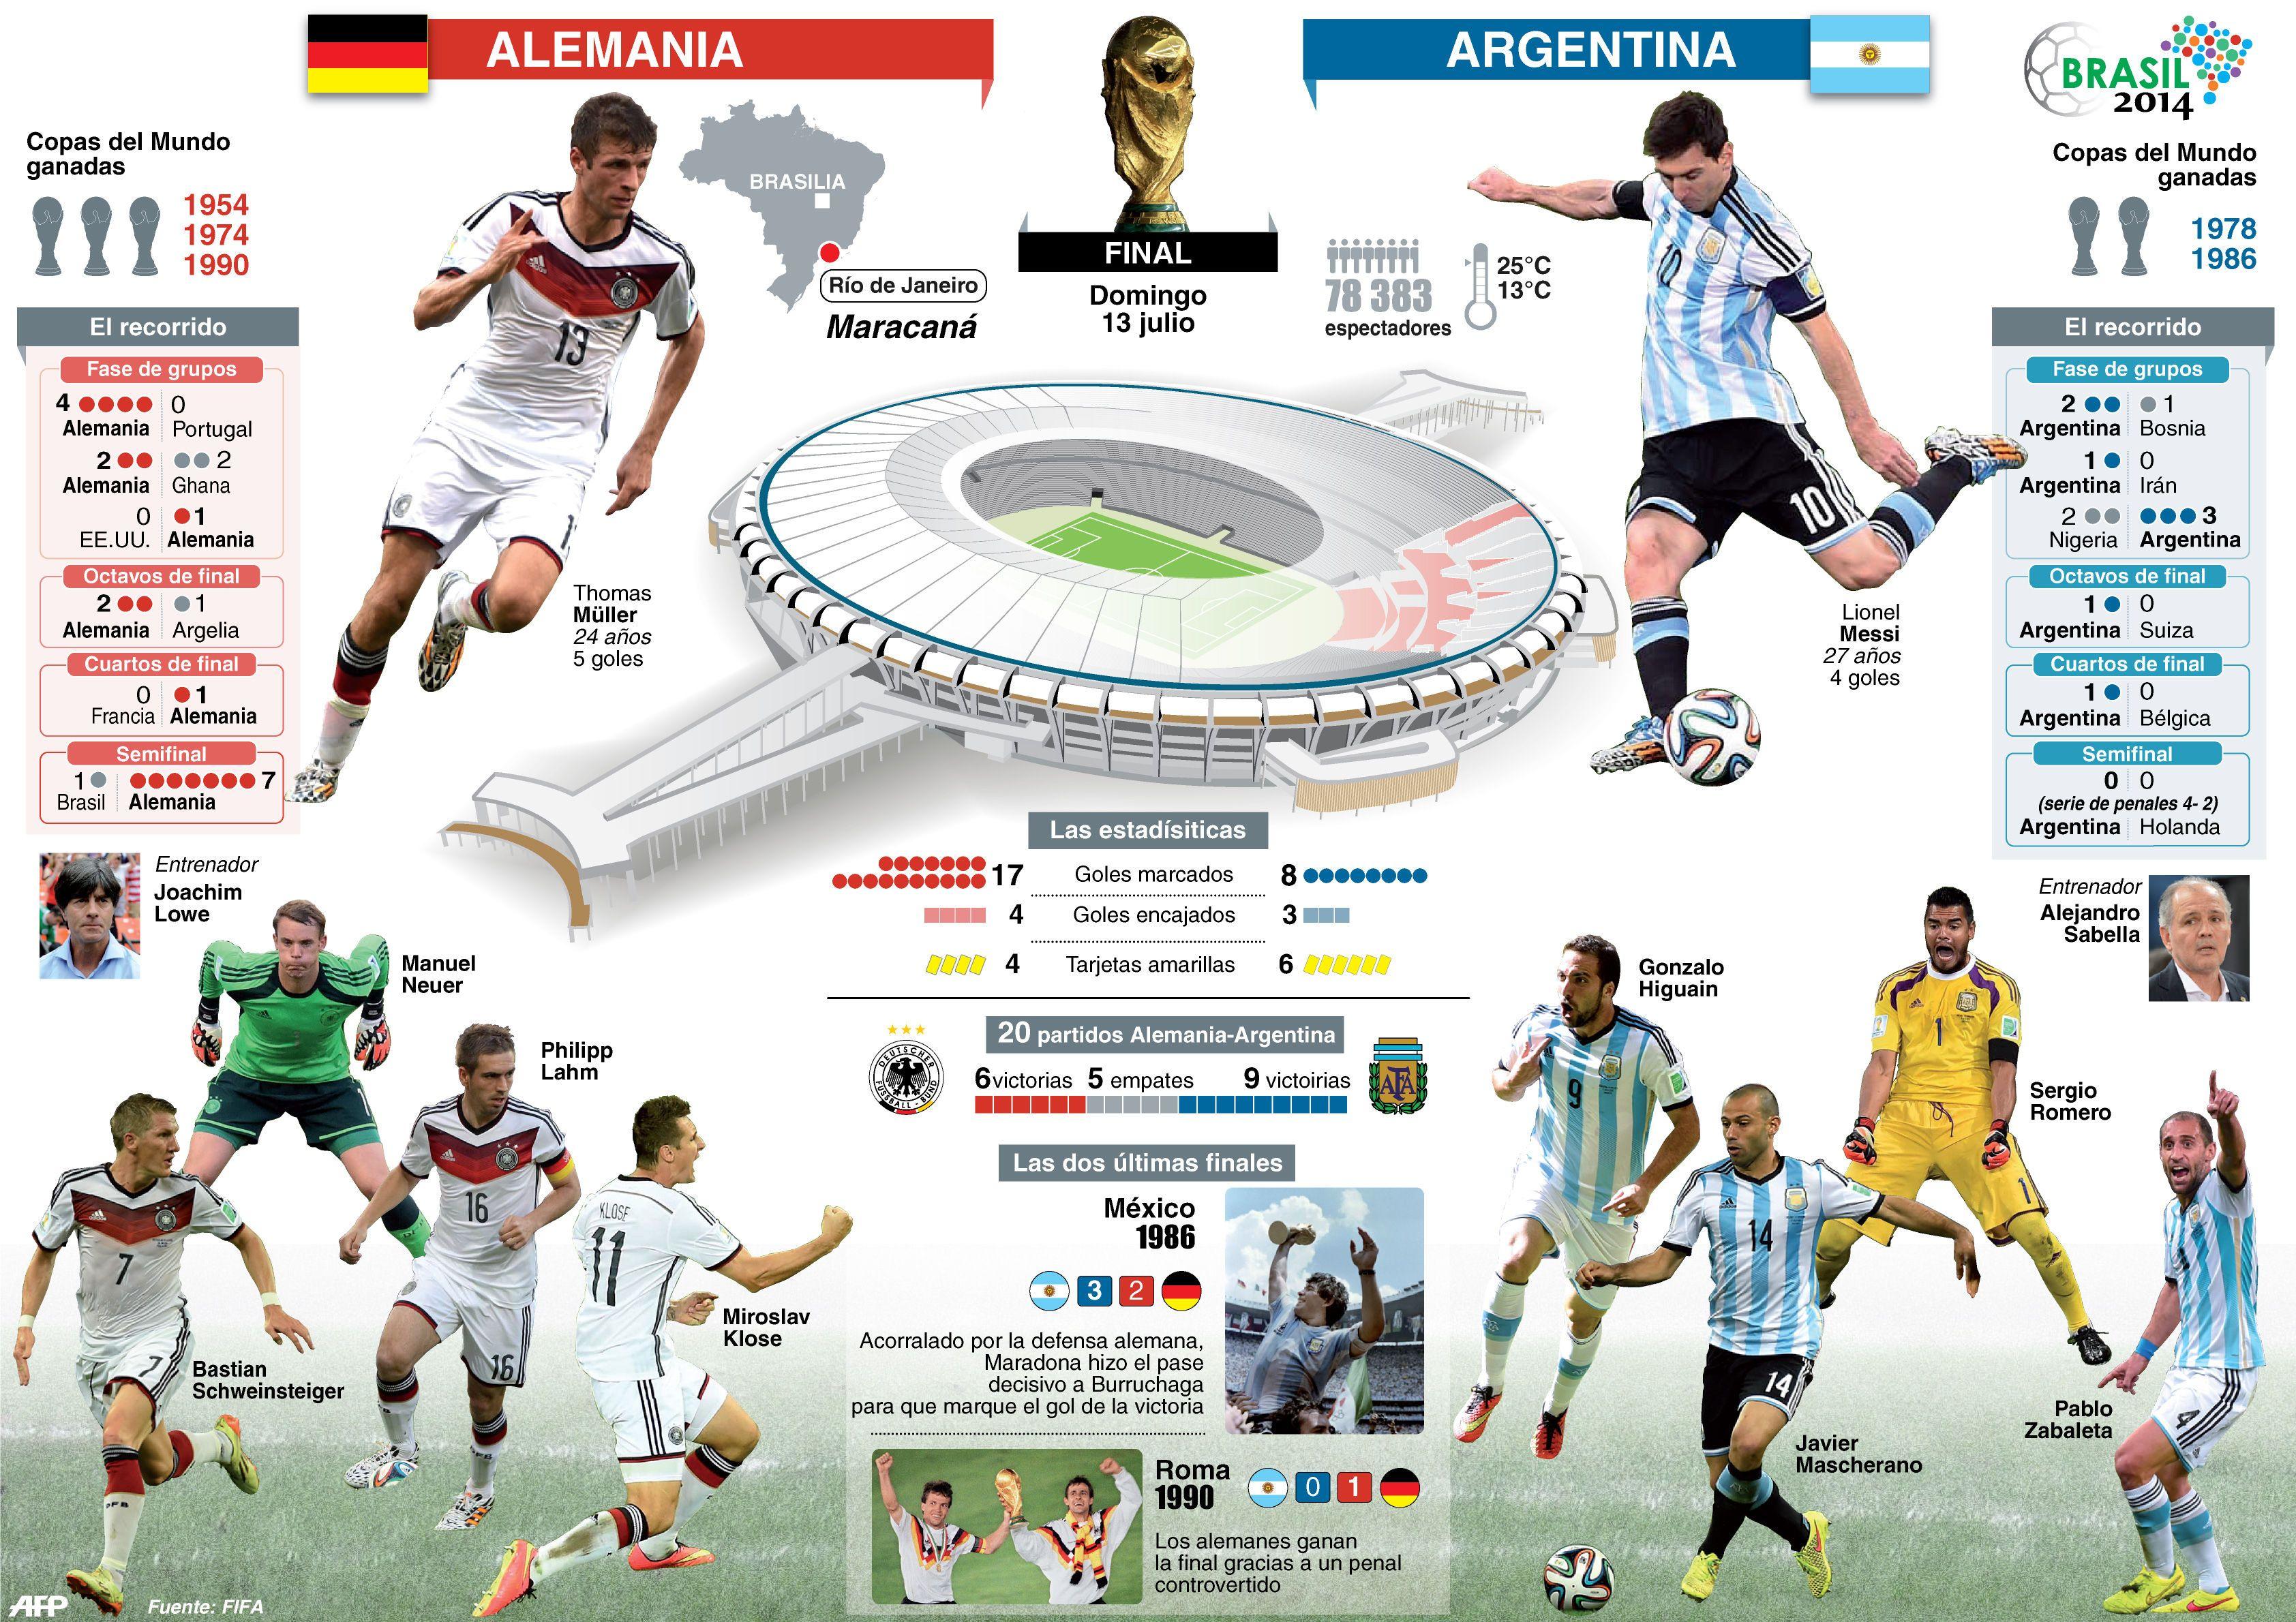 Tipo de infografía: Comparativa. Título: Alemania vs. Argentina. Fuente: FIFA